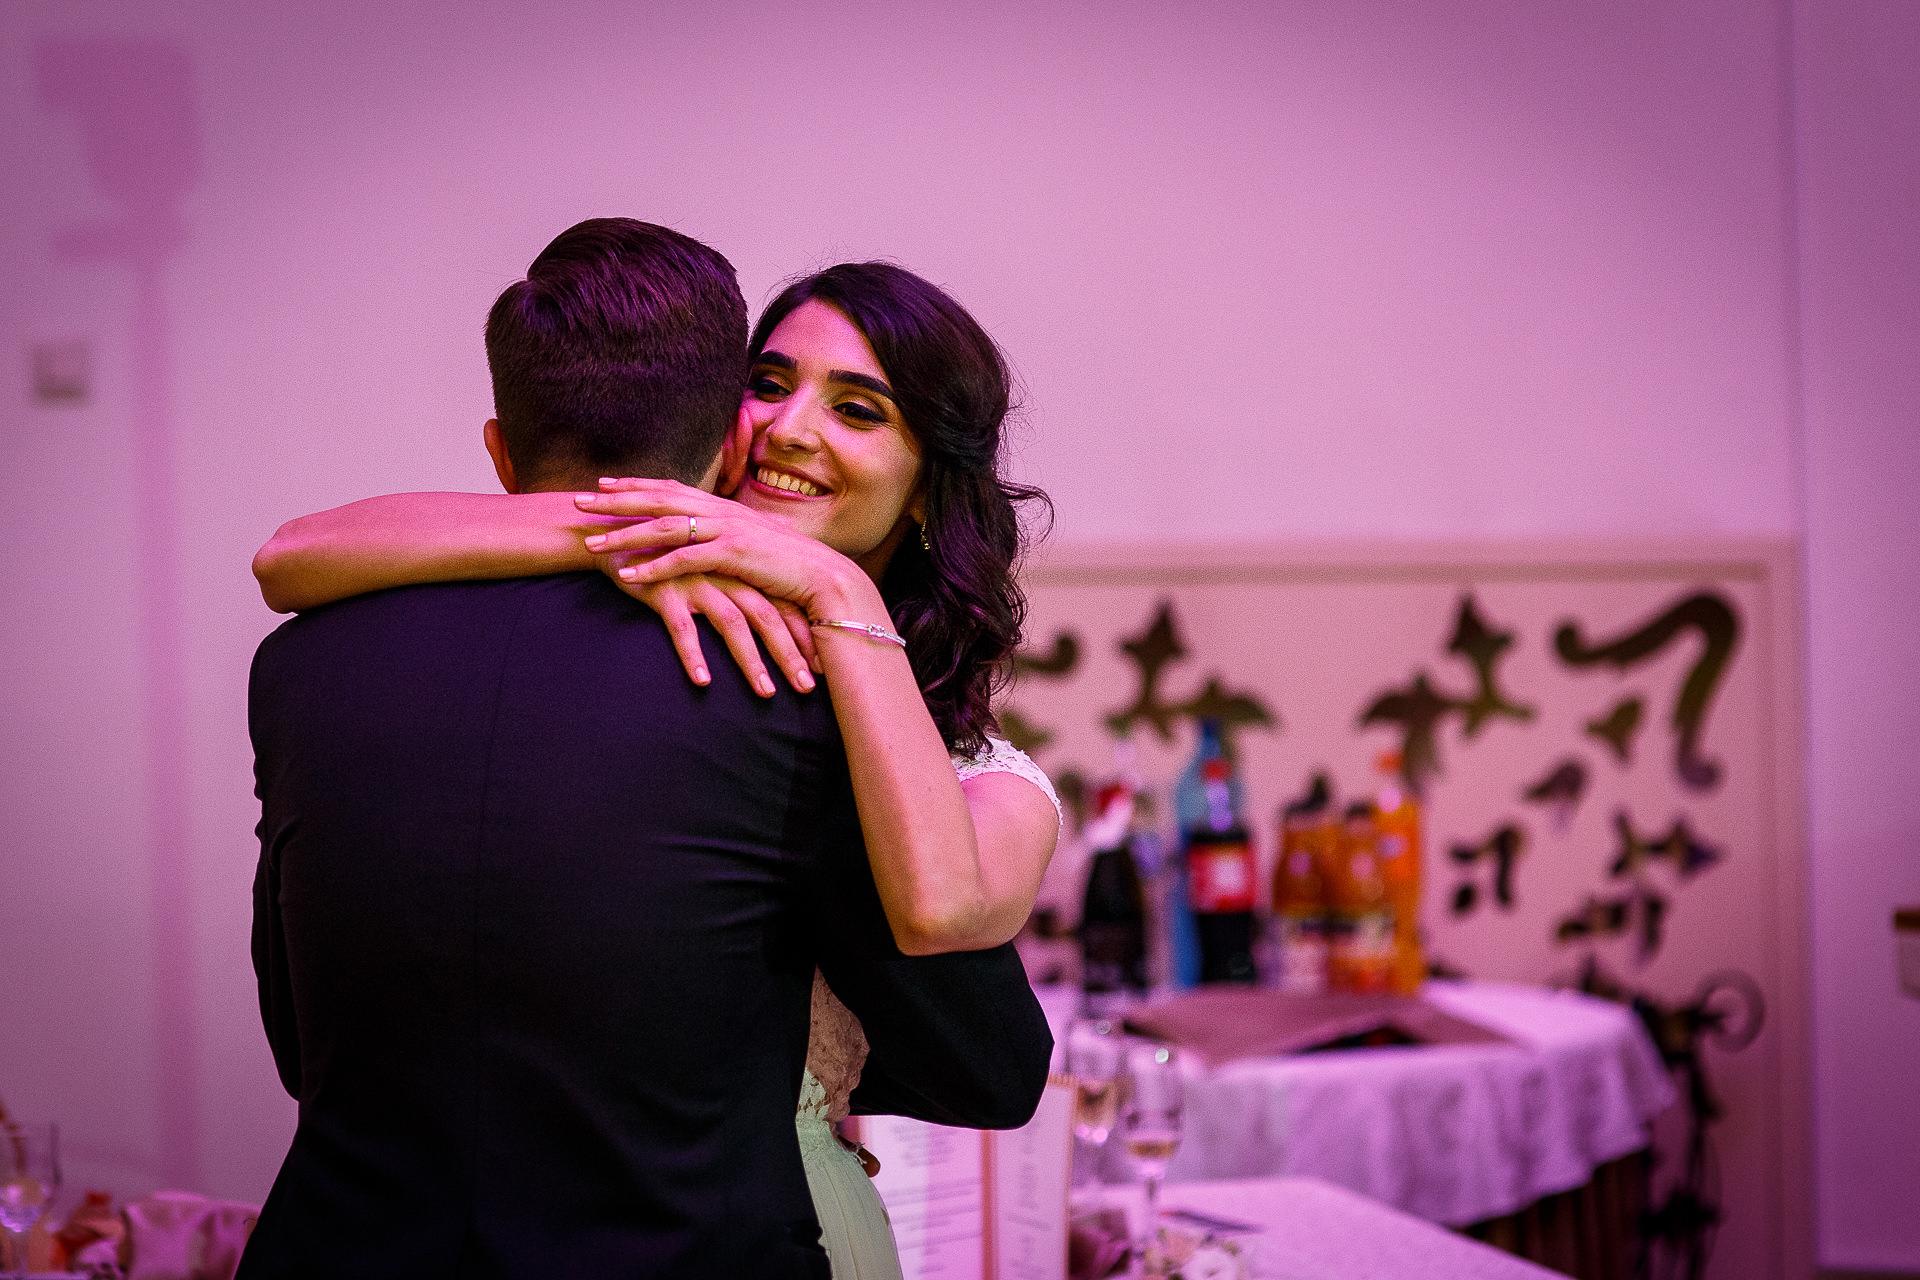 nuntă Salon Elisabeta - Elena şi Costin - Mihai Zaharia Photography - 052